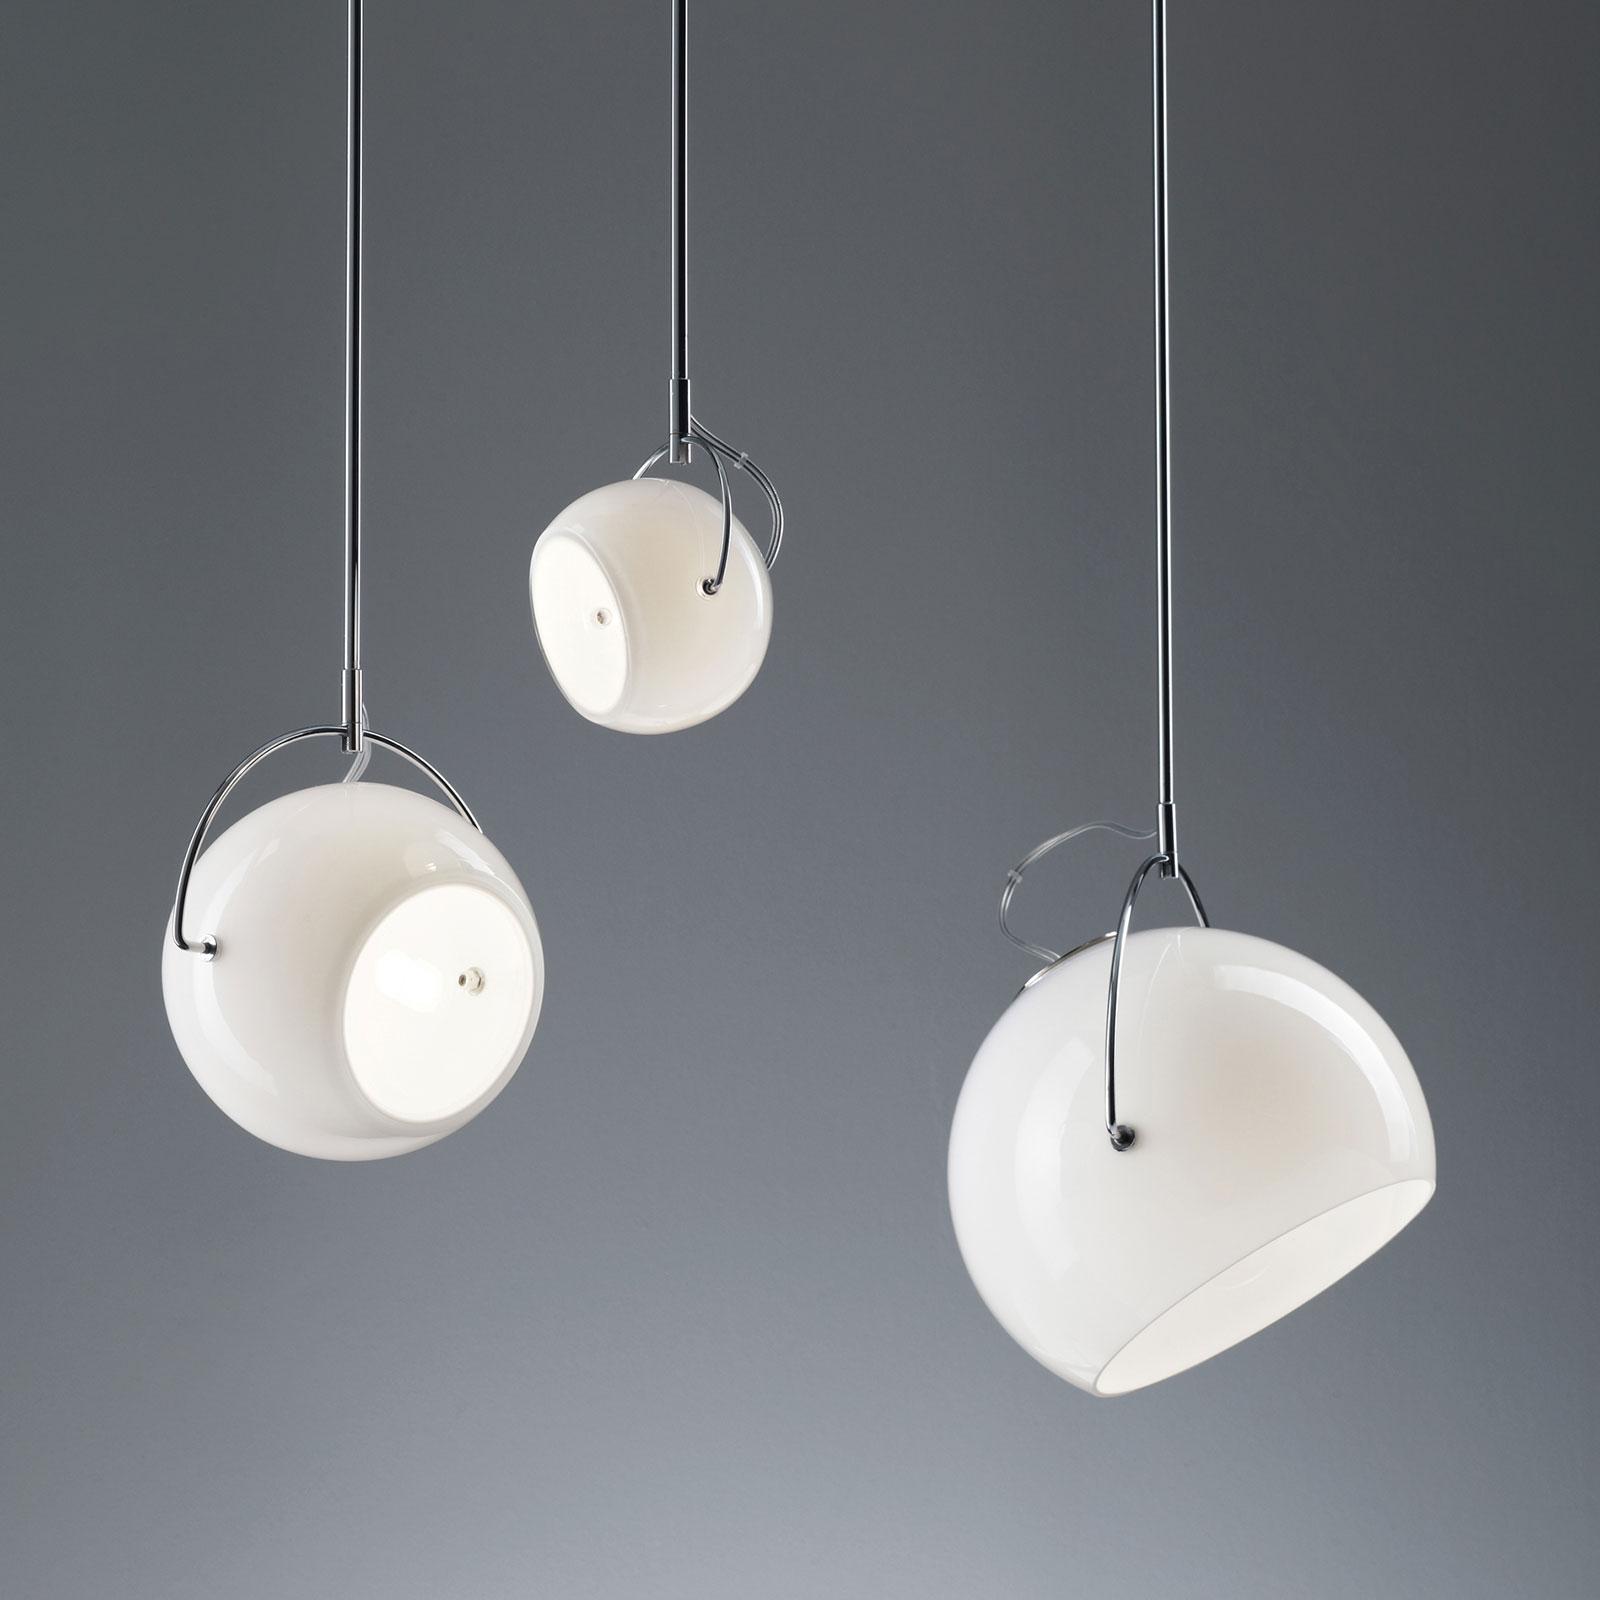 Fabbian Beluga White Glas-Hängeleuchte, Ø 20 cm